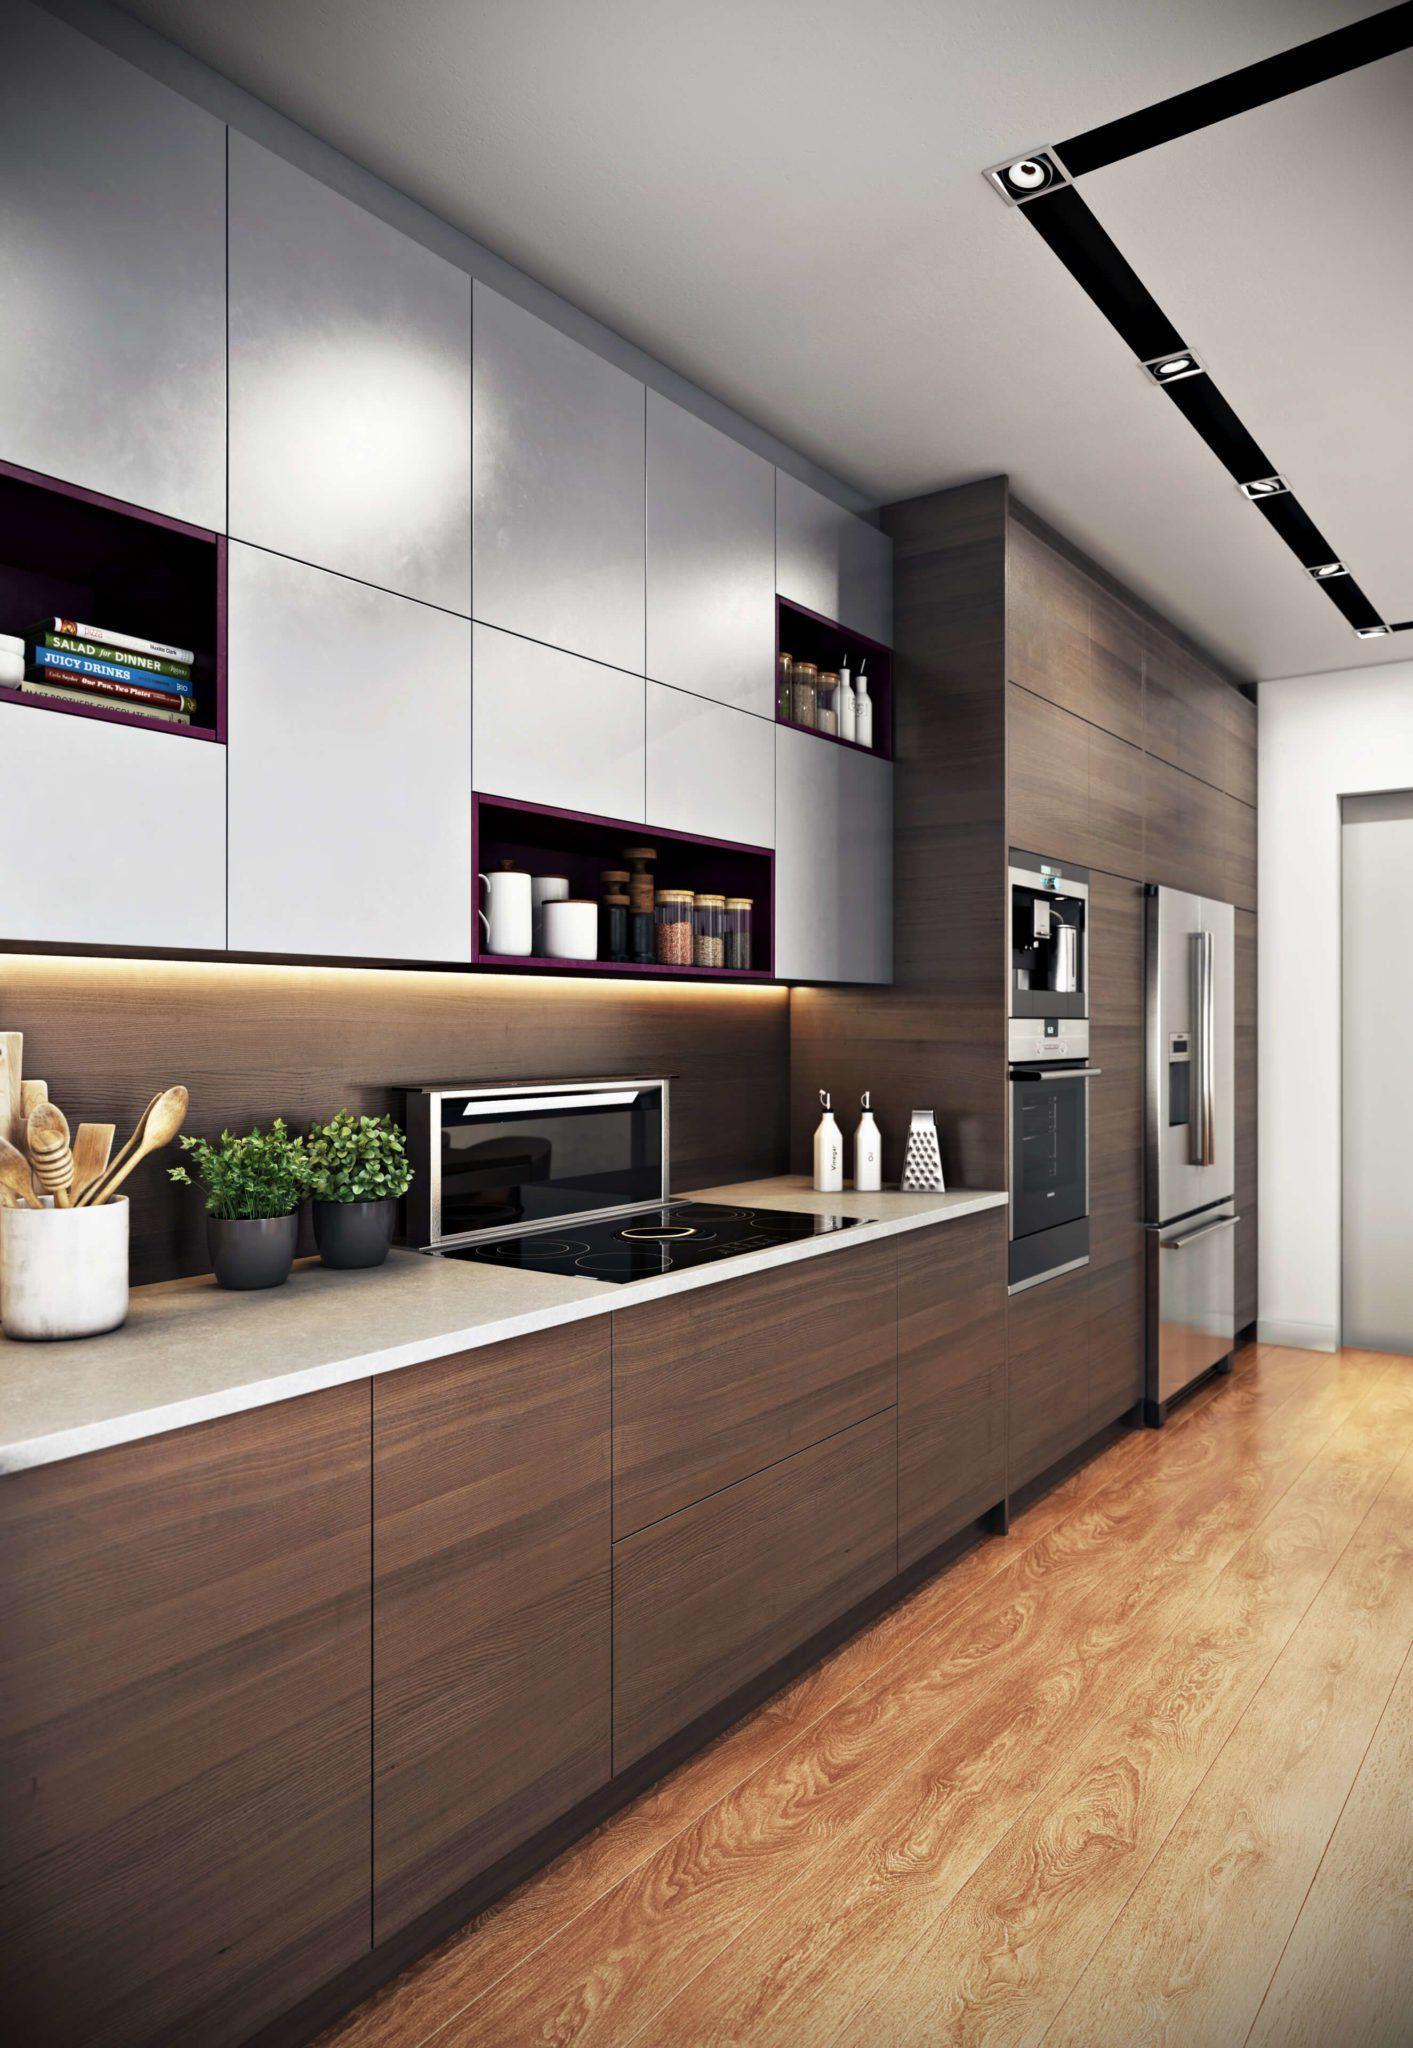 kitchen interior 3d rendering for a modern design archicgi kitchen interior 3d rendering for on l kitchen interior modern id=49477